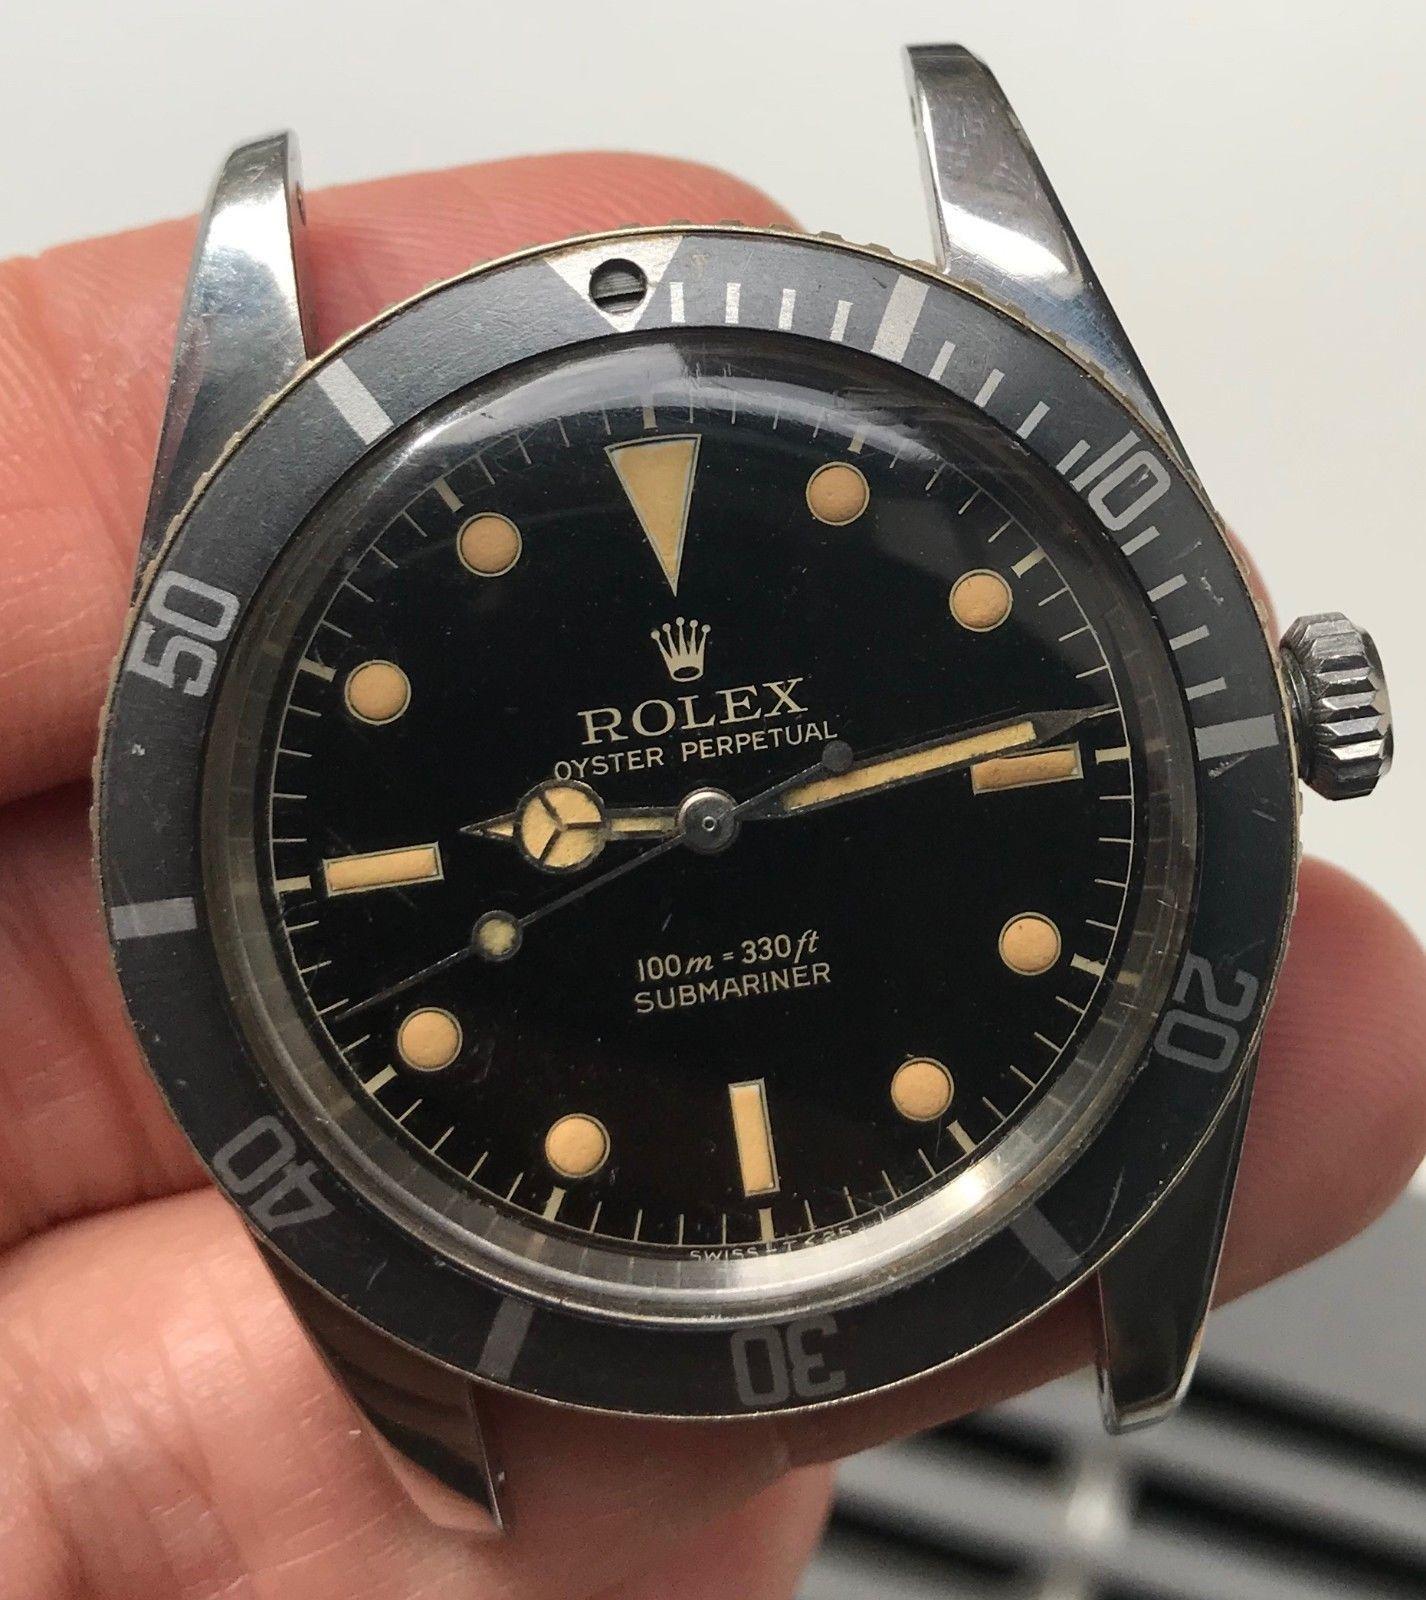 Details about 1963 Vintage Rolex Submariner ref. 5513 w ...